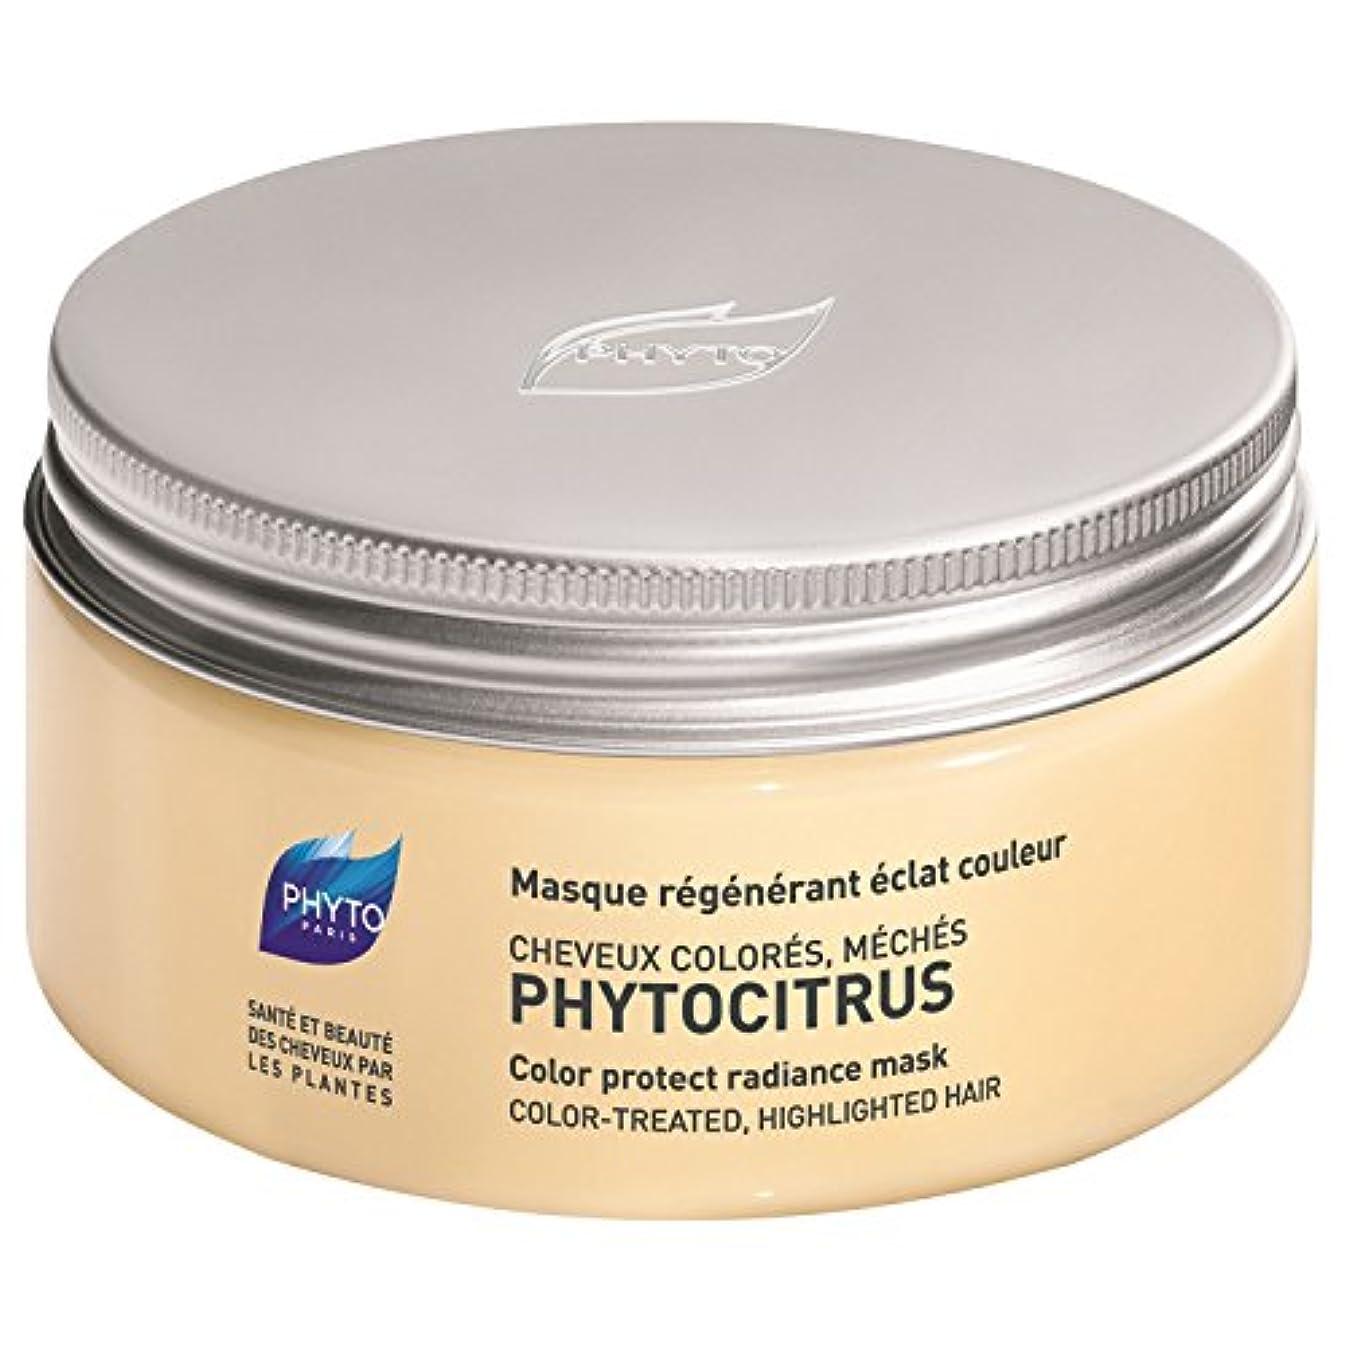 建てる消毒する甘やかすフィトPhytocitrus色保護放射輝度マスク200ミリリットル (Phyto) (x2) - Phyto Phytocitrus Colour Protect Radiance Mask 200ml (Pack of...